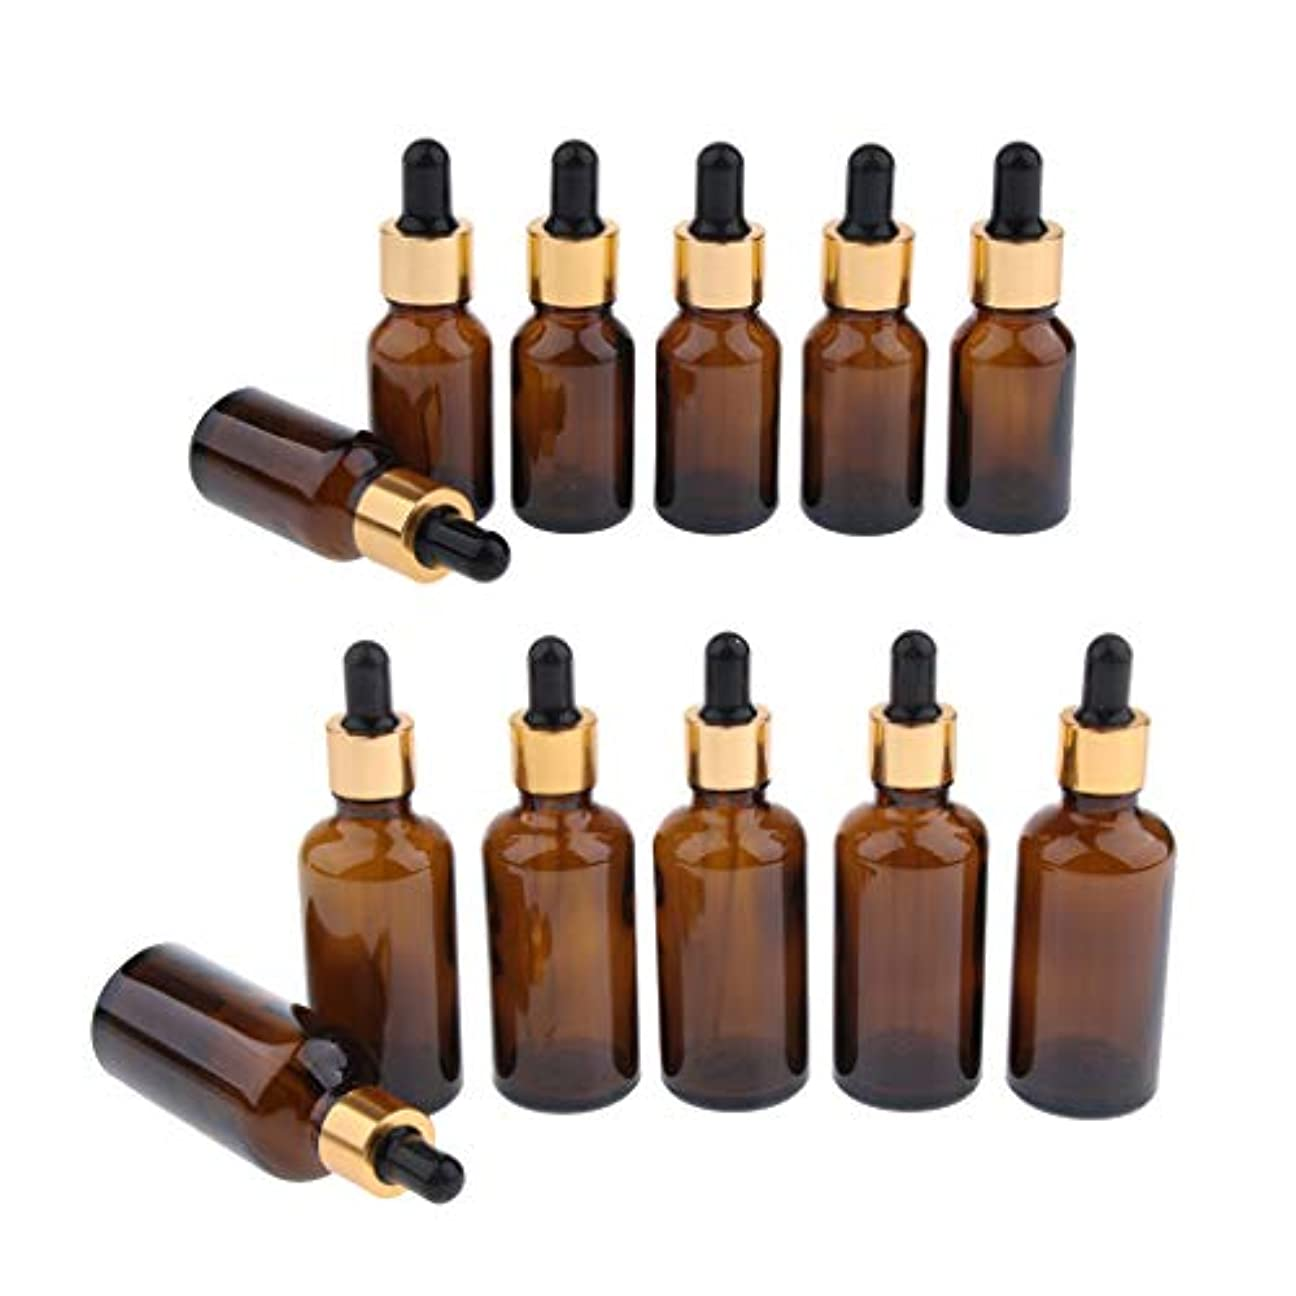 端末から聞くレイアウトFLAMEER 約12本 ドロッパーボトル エッセンシャルオイル コスメ 詰替え容器 茶色